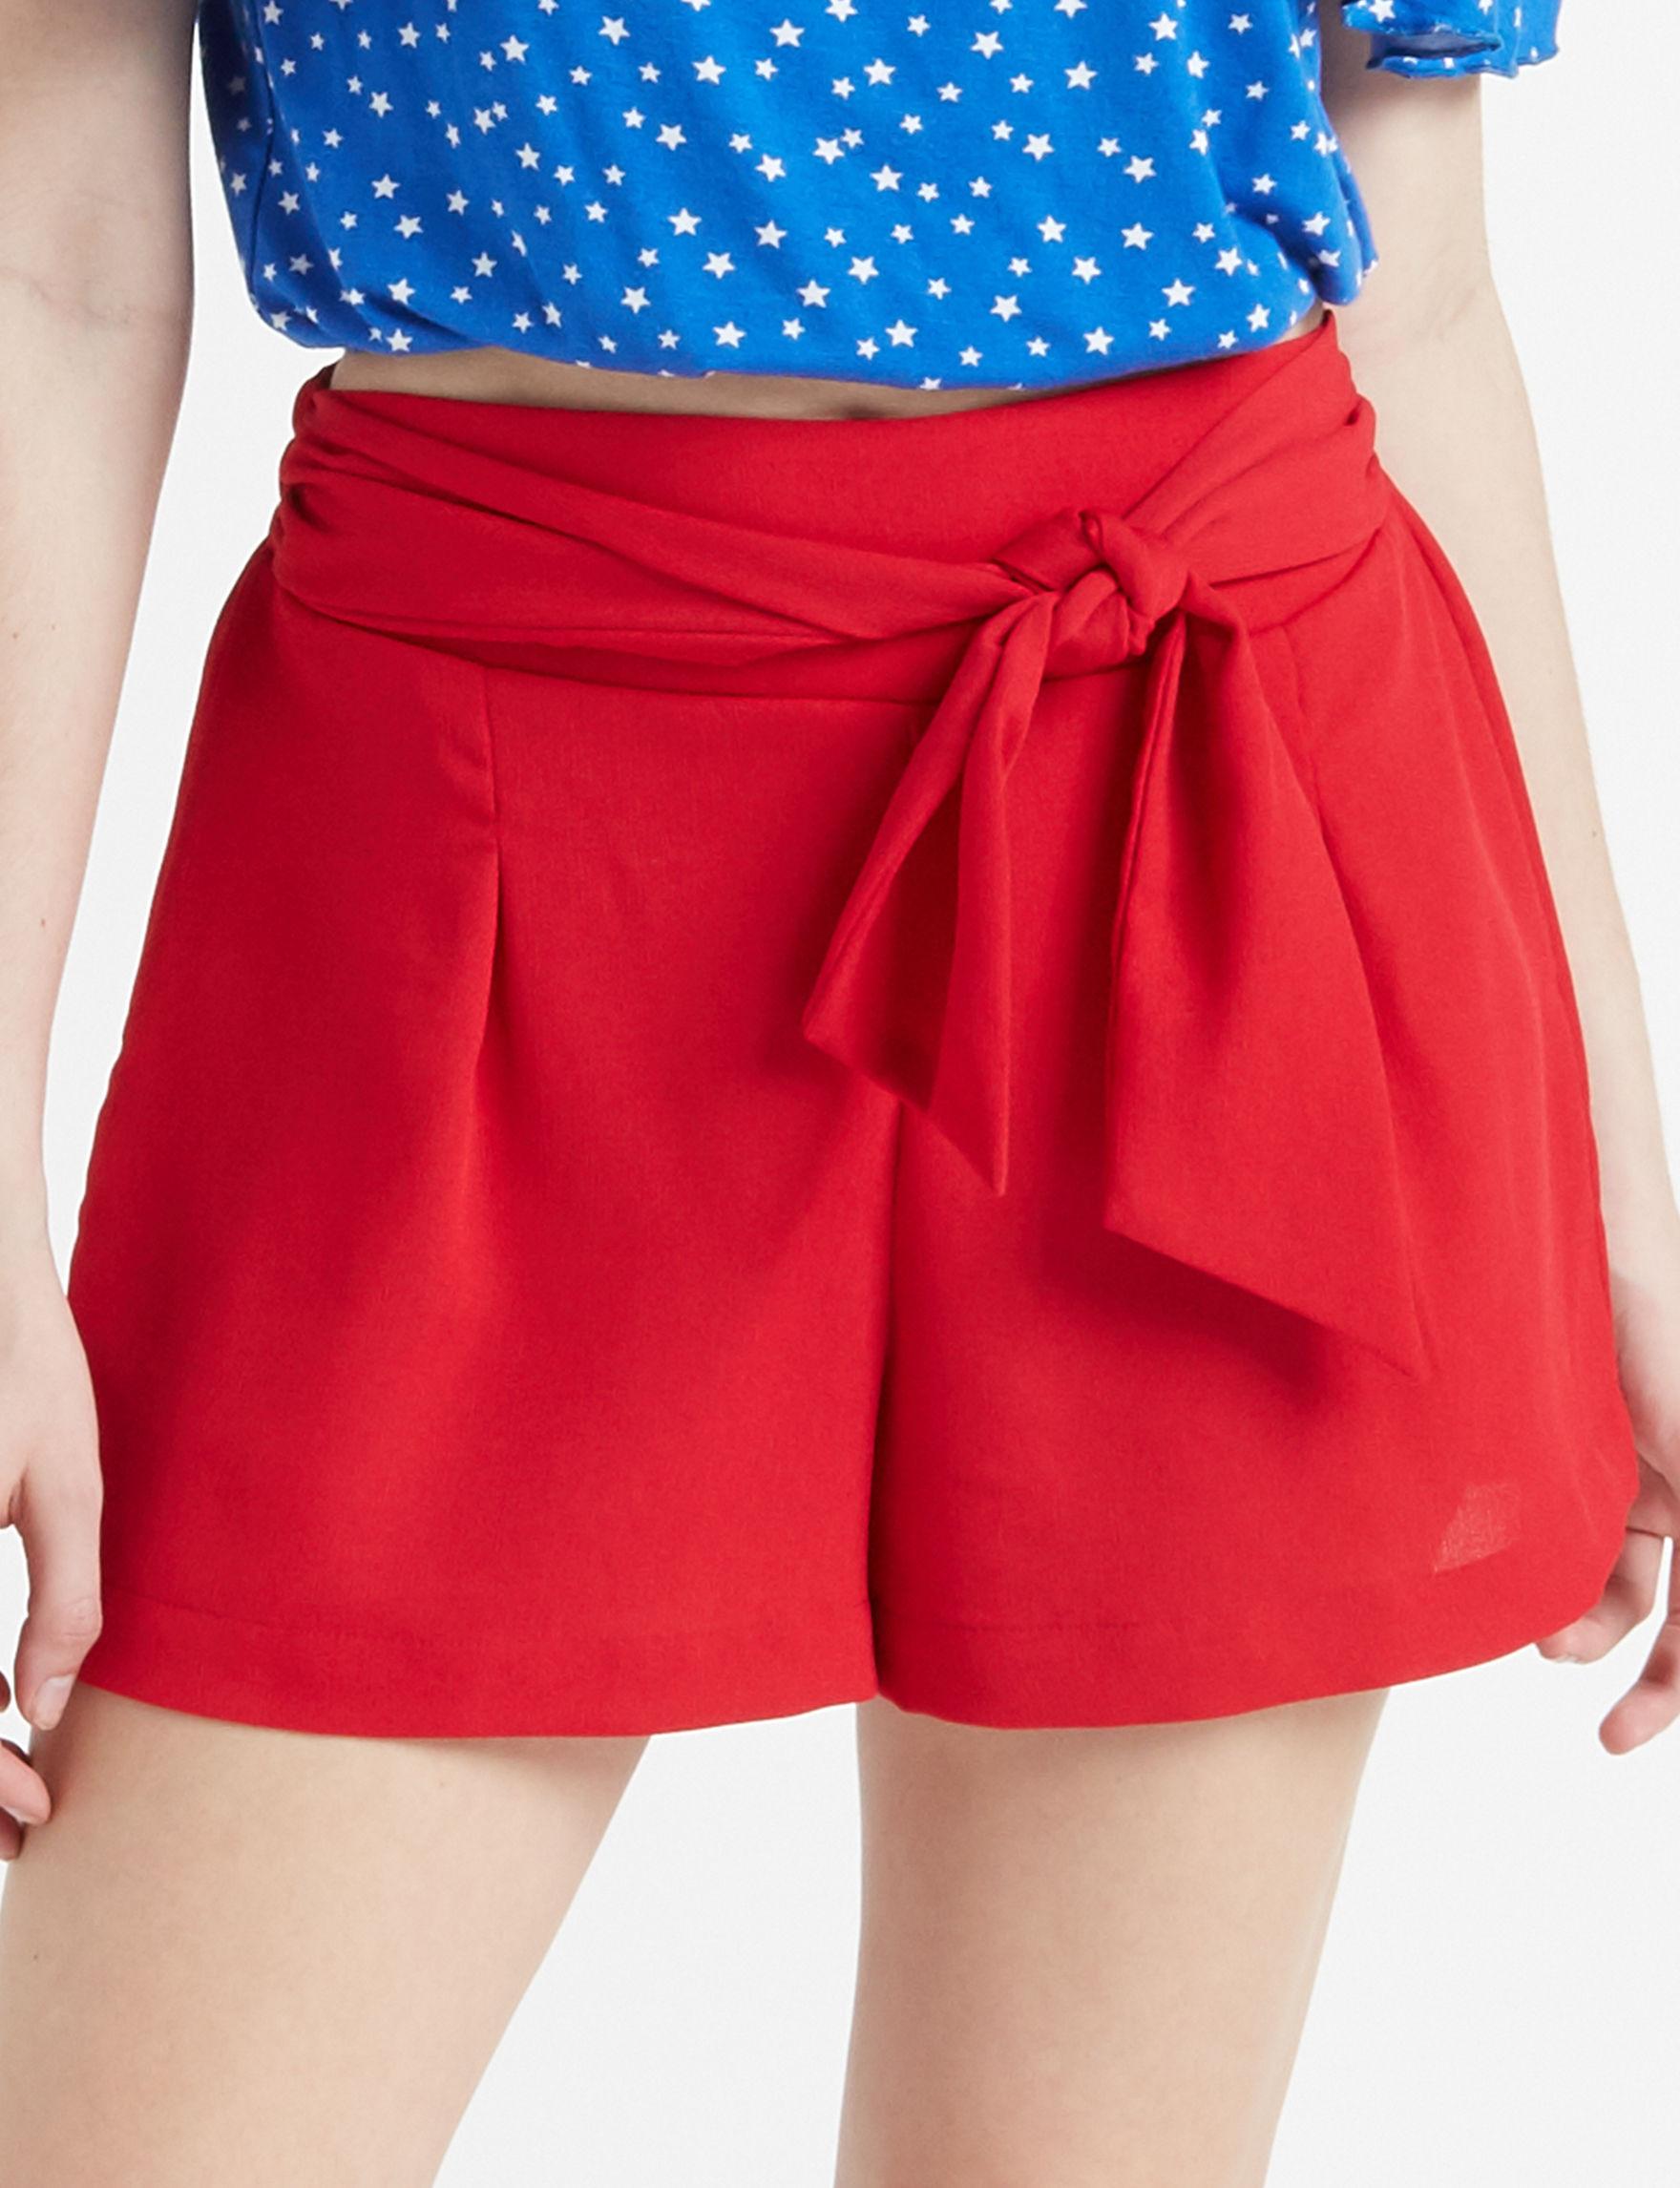 BeBop Red Soft Shorts